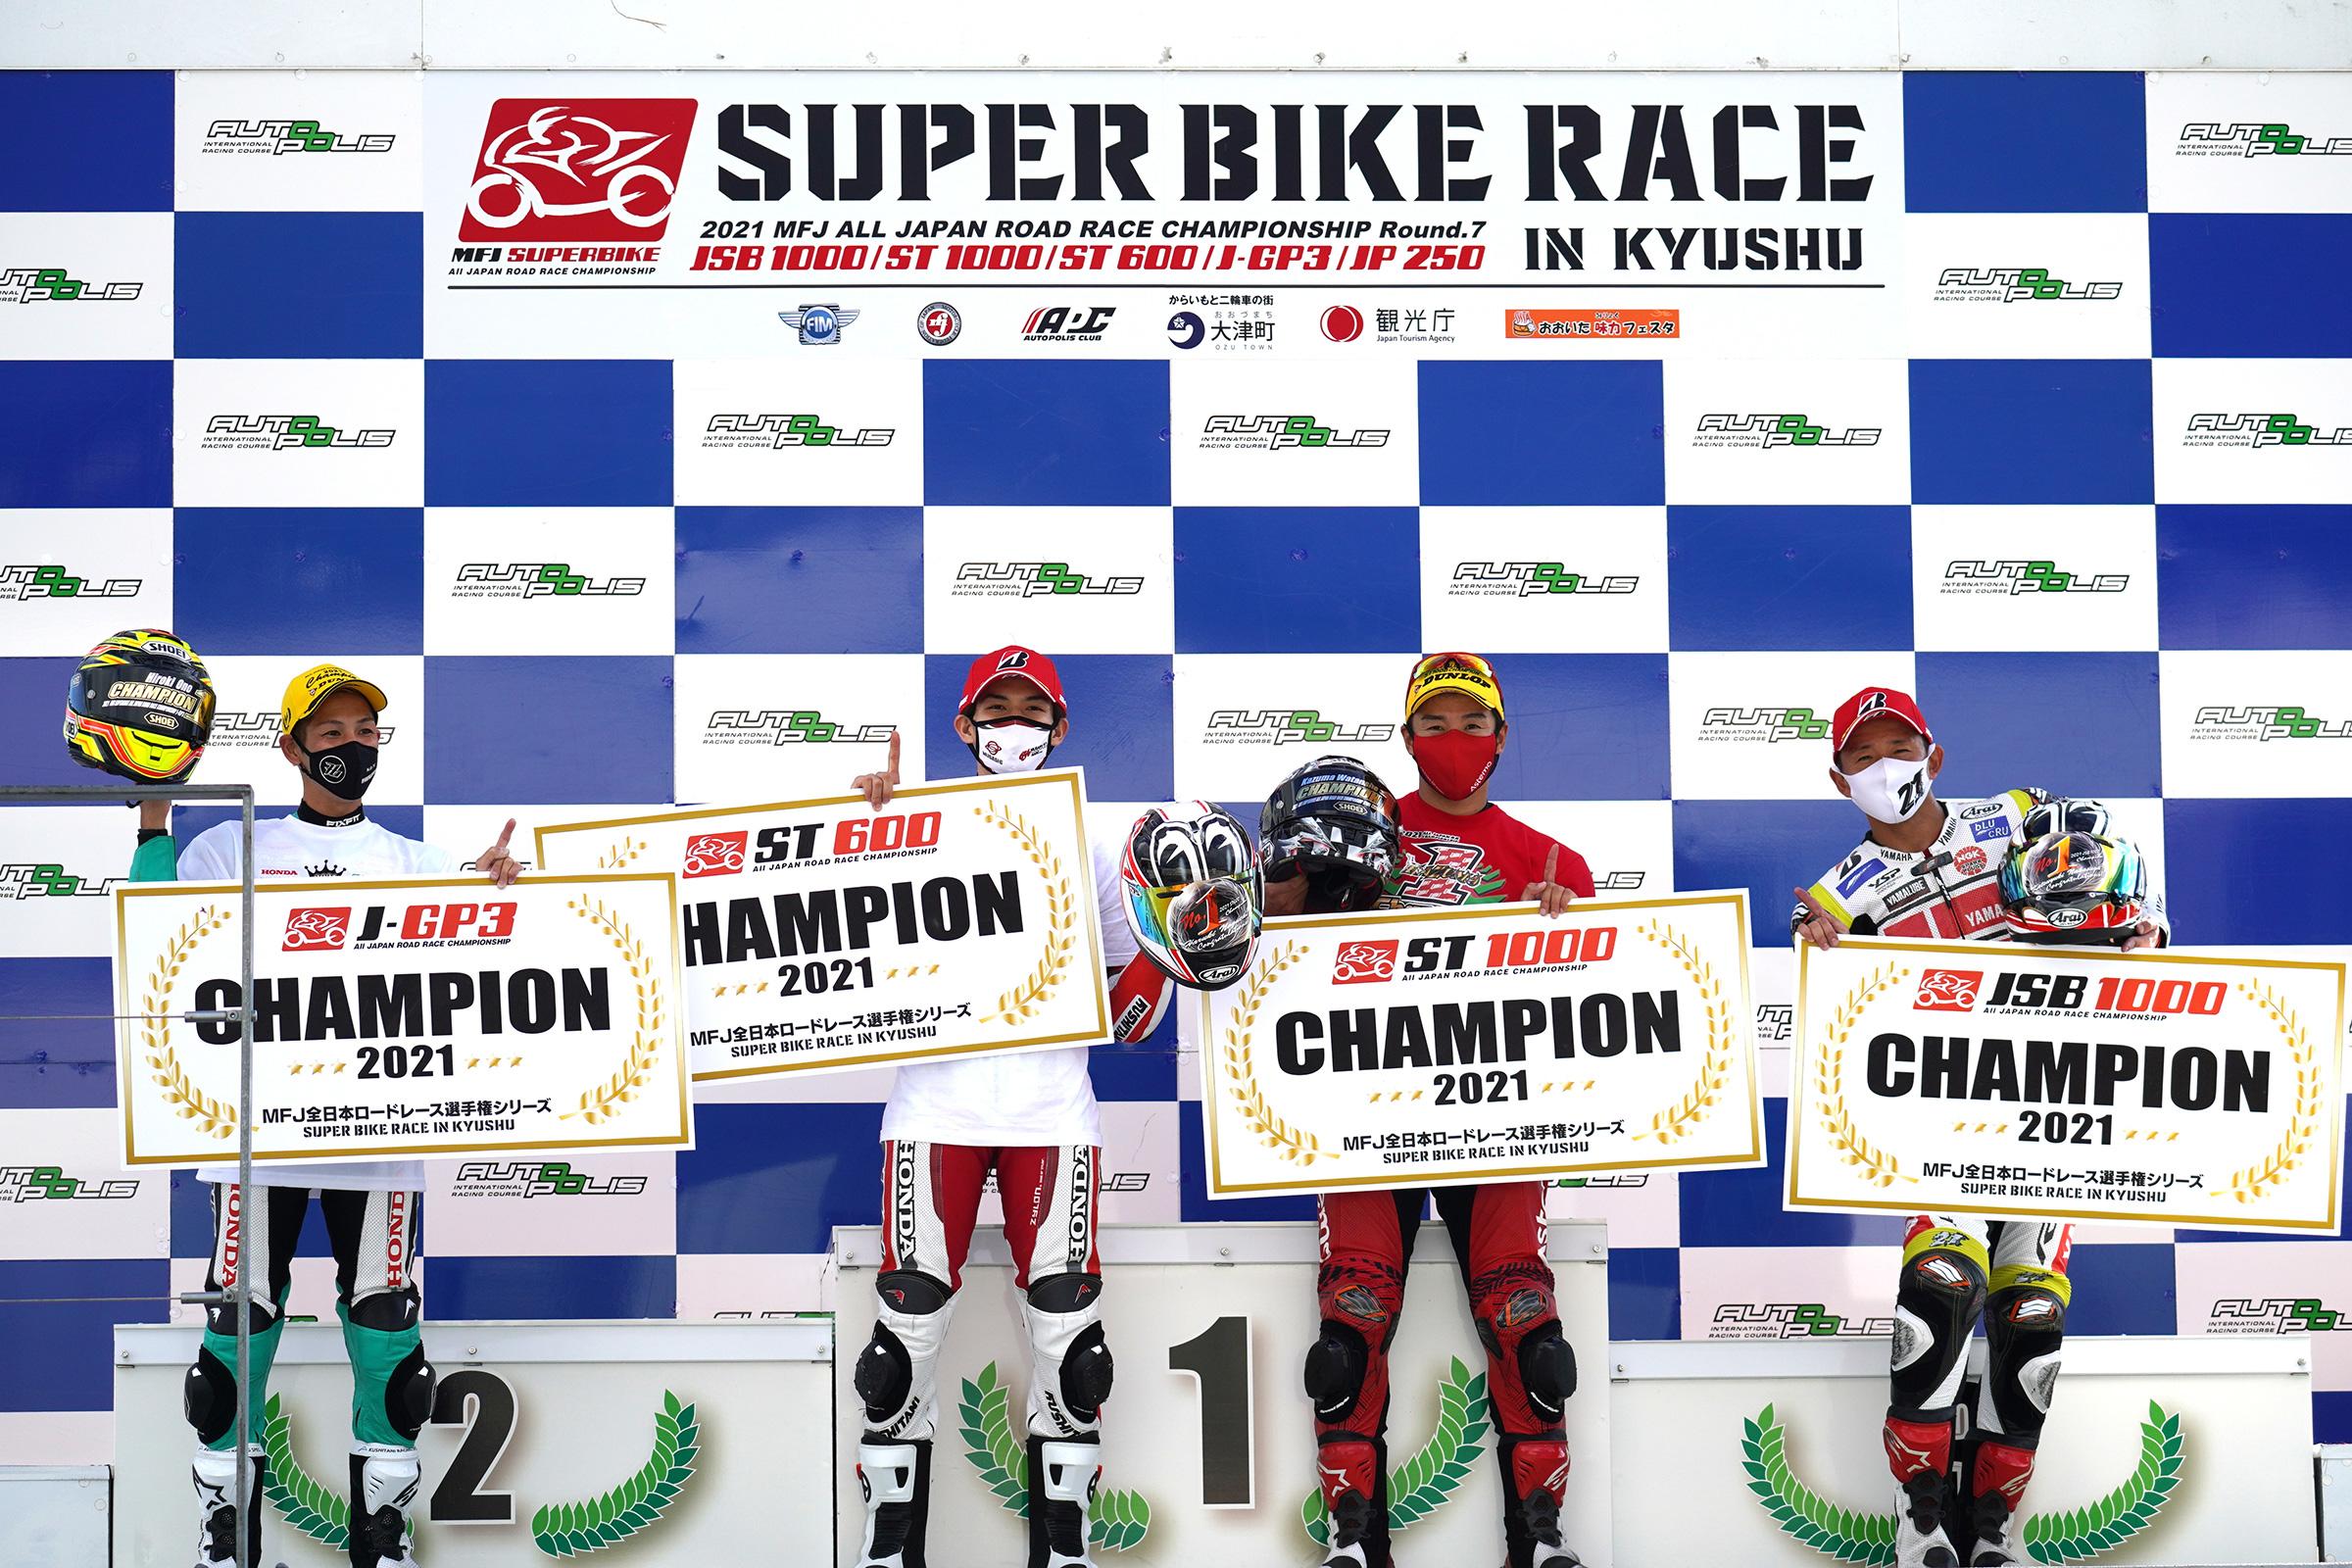 2021年 MFJ 全日本ロードレース選手権シリーズも無事終了